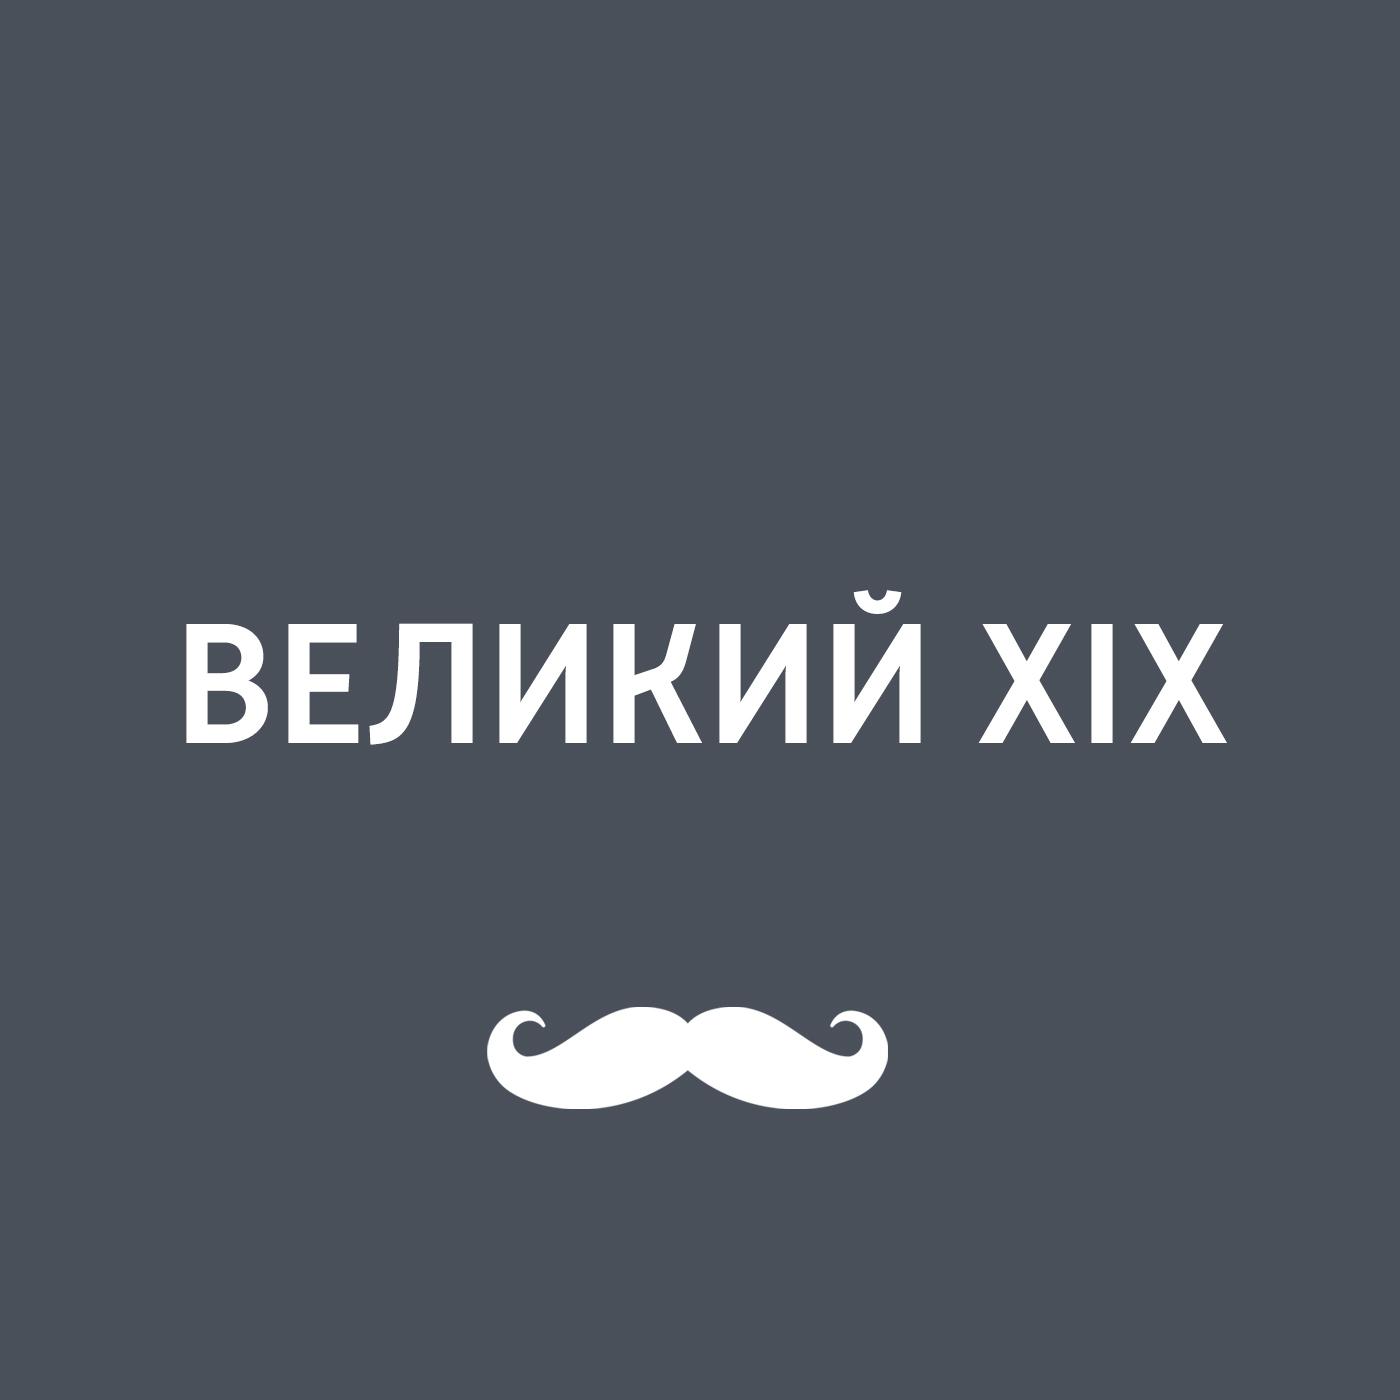 Игорь Ружейников Доходные дома – основа «риэлтерского бизнеса в России в XIX веке игорь ружейников медицина в xix веке